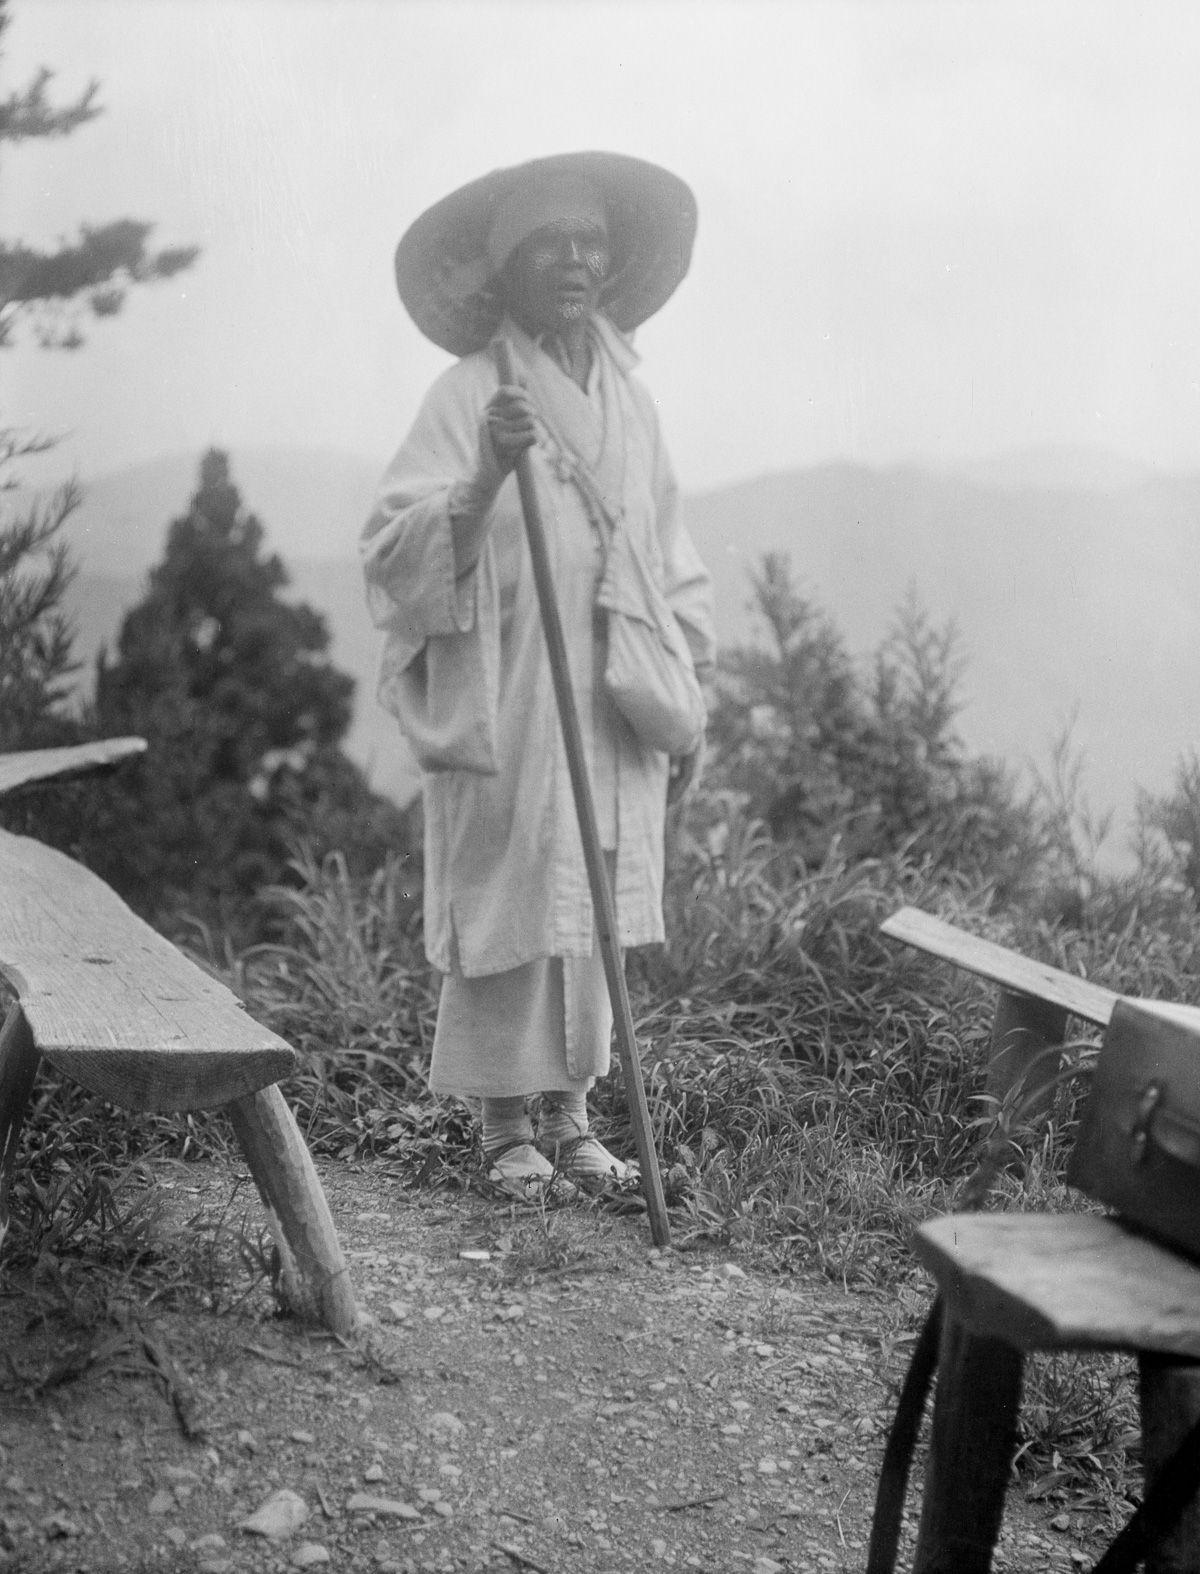 Yaponiya istoricheskie foto Arnold Dzhente 34